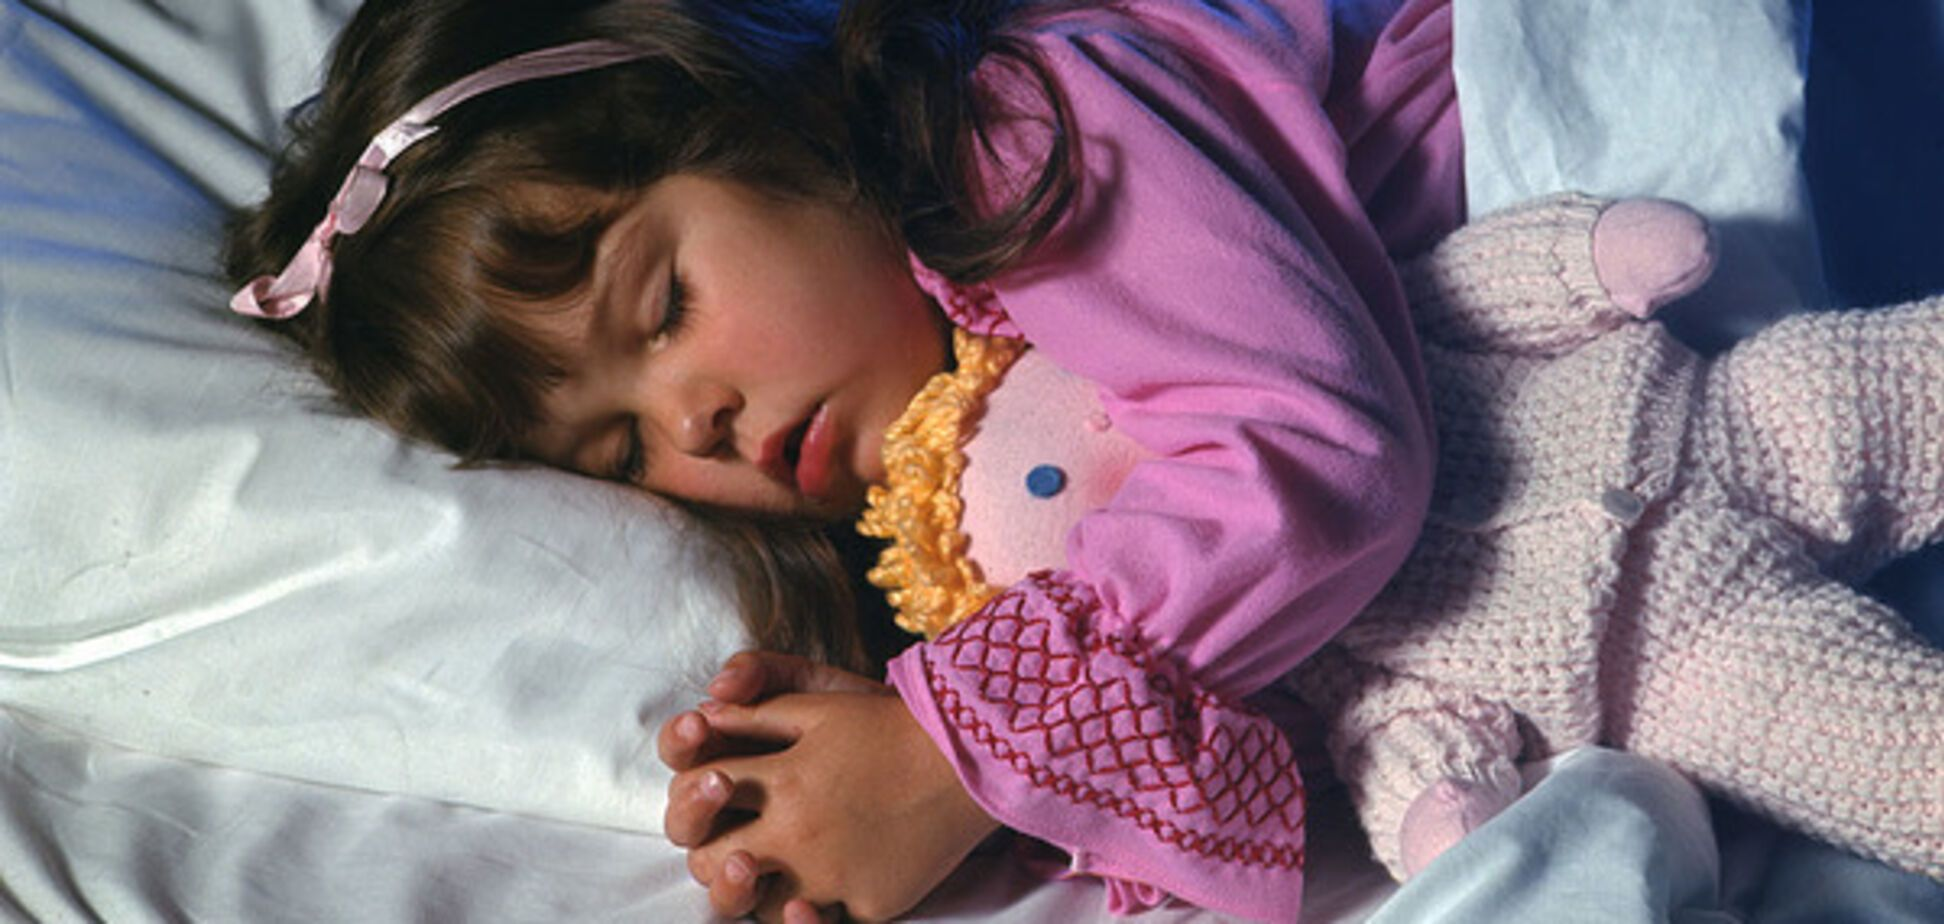 Ученые назвали лучший способ установить правильный режим сна у ребенка